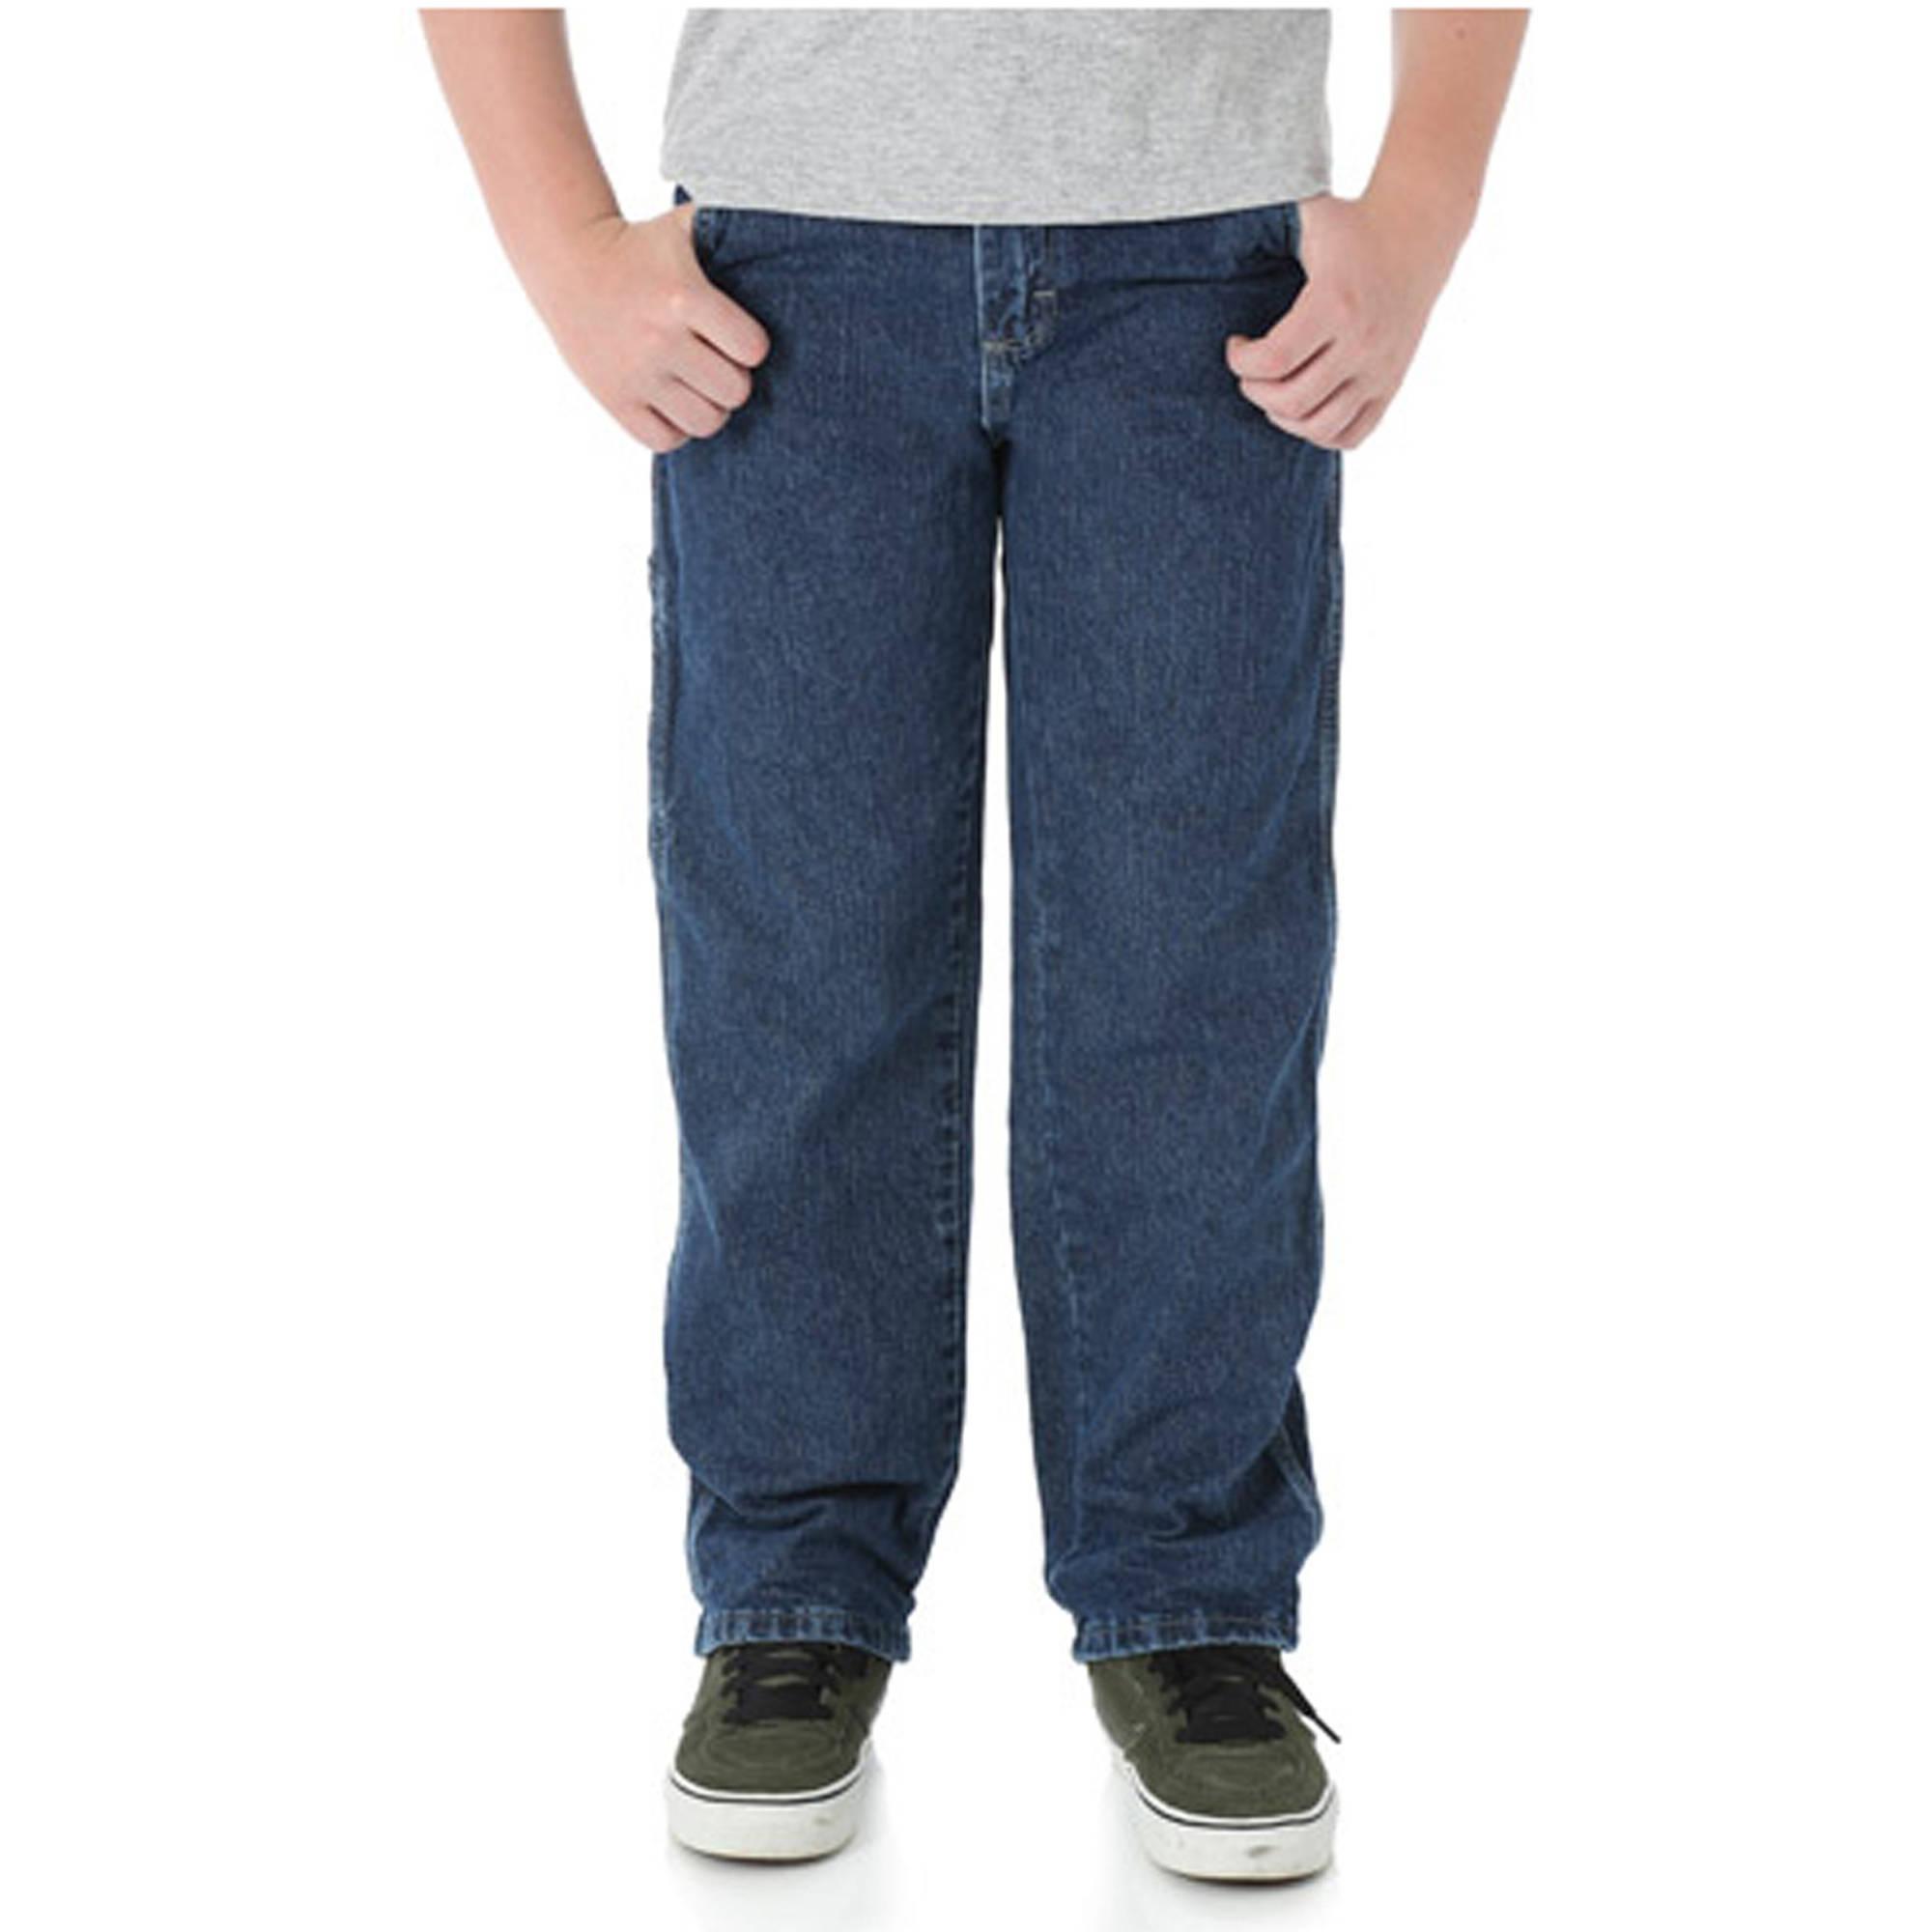 Wrangler Boys' Slim Carpenter Jean